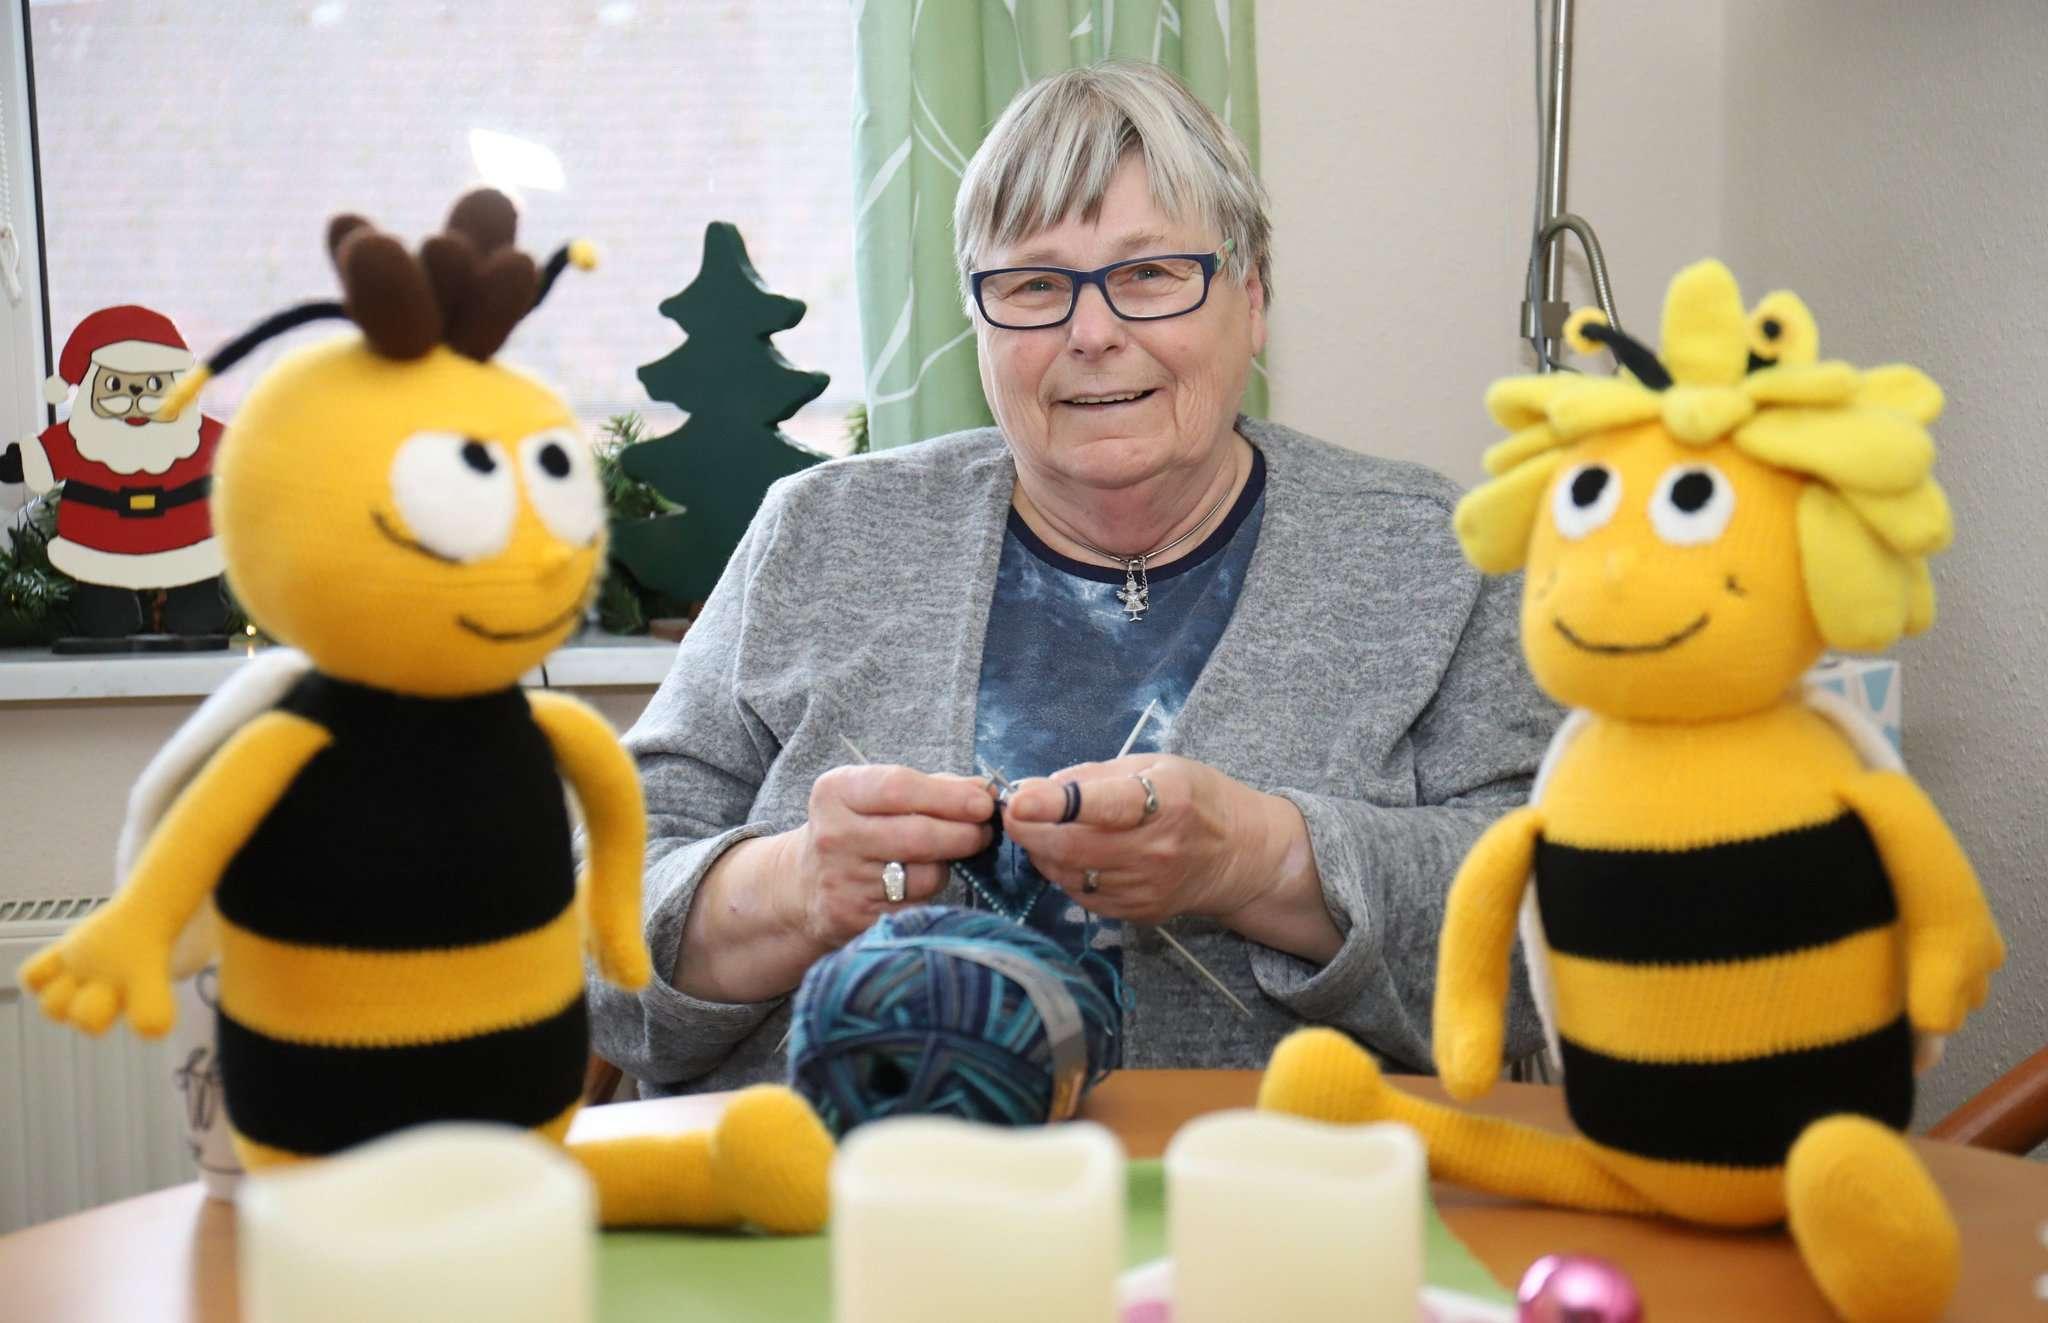 Rosi Holzer-Flatow stickt und häkelt jeden Abend für vier bis fünf Stunden: Etwa eine Woche dauert es, bis Biene Maja oder Willi fertig ist.